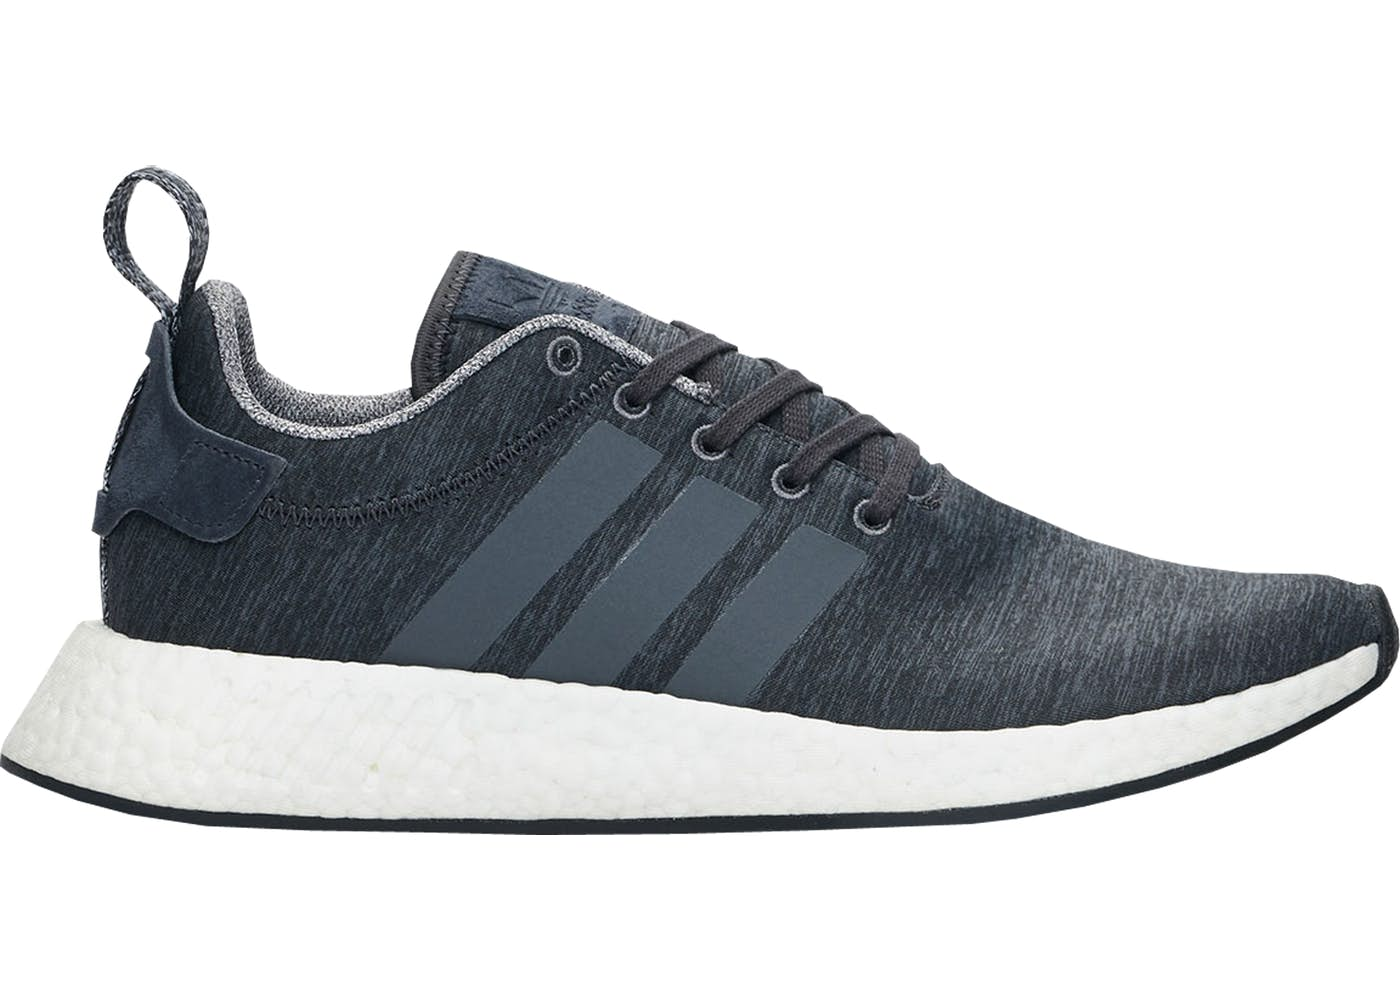 adidas nmd dark grey